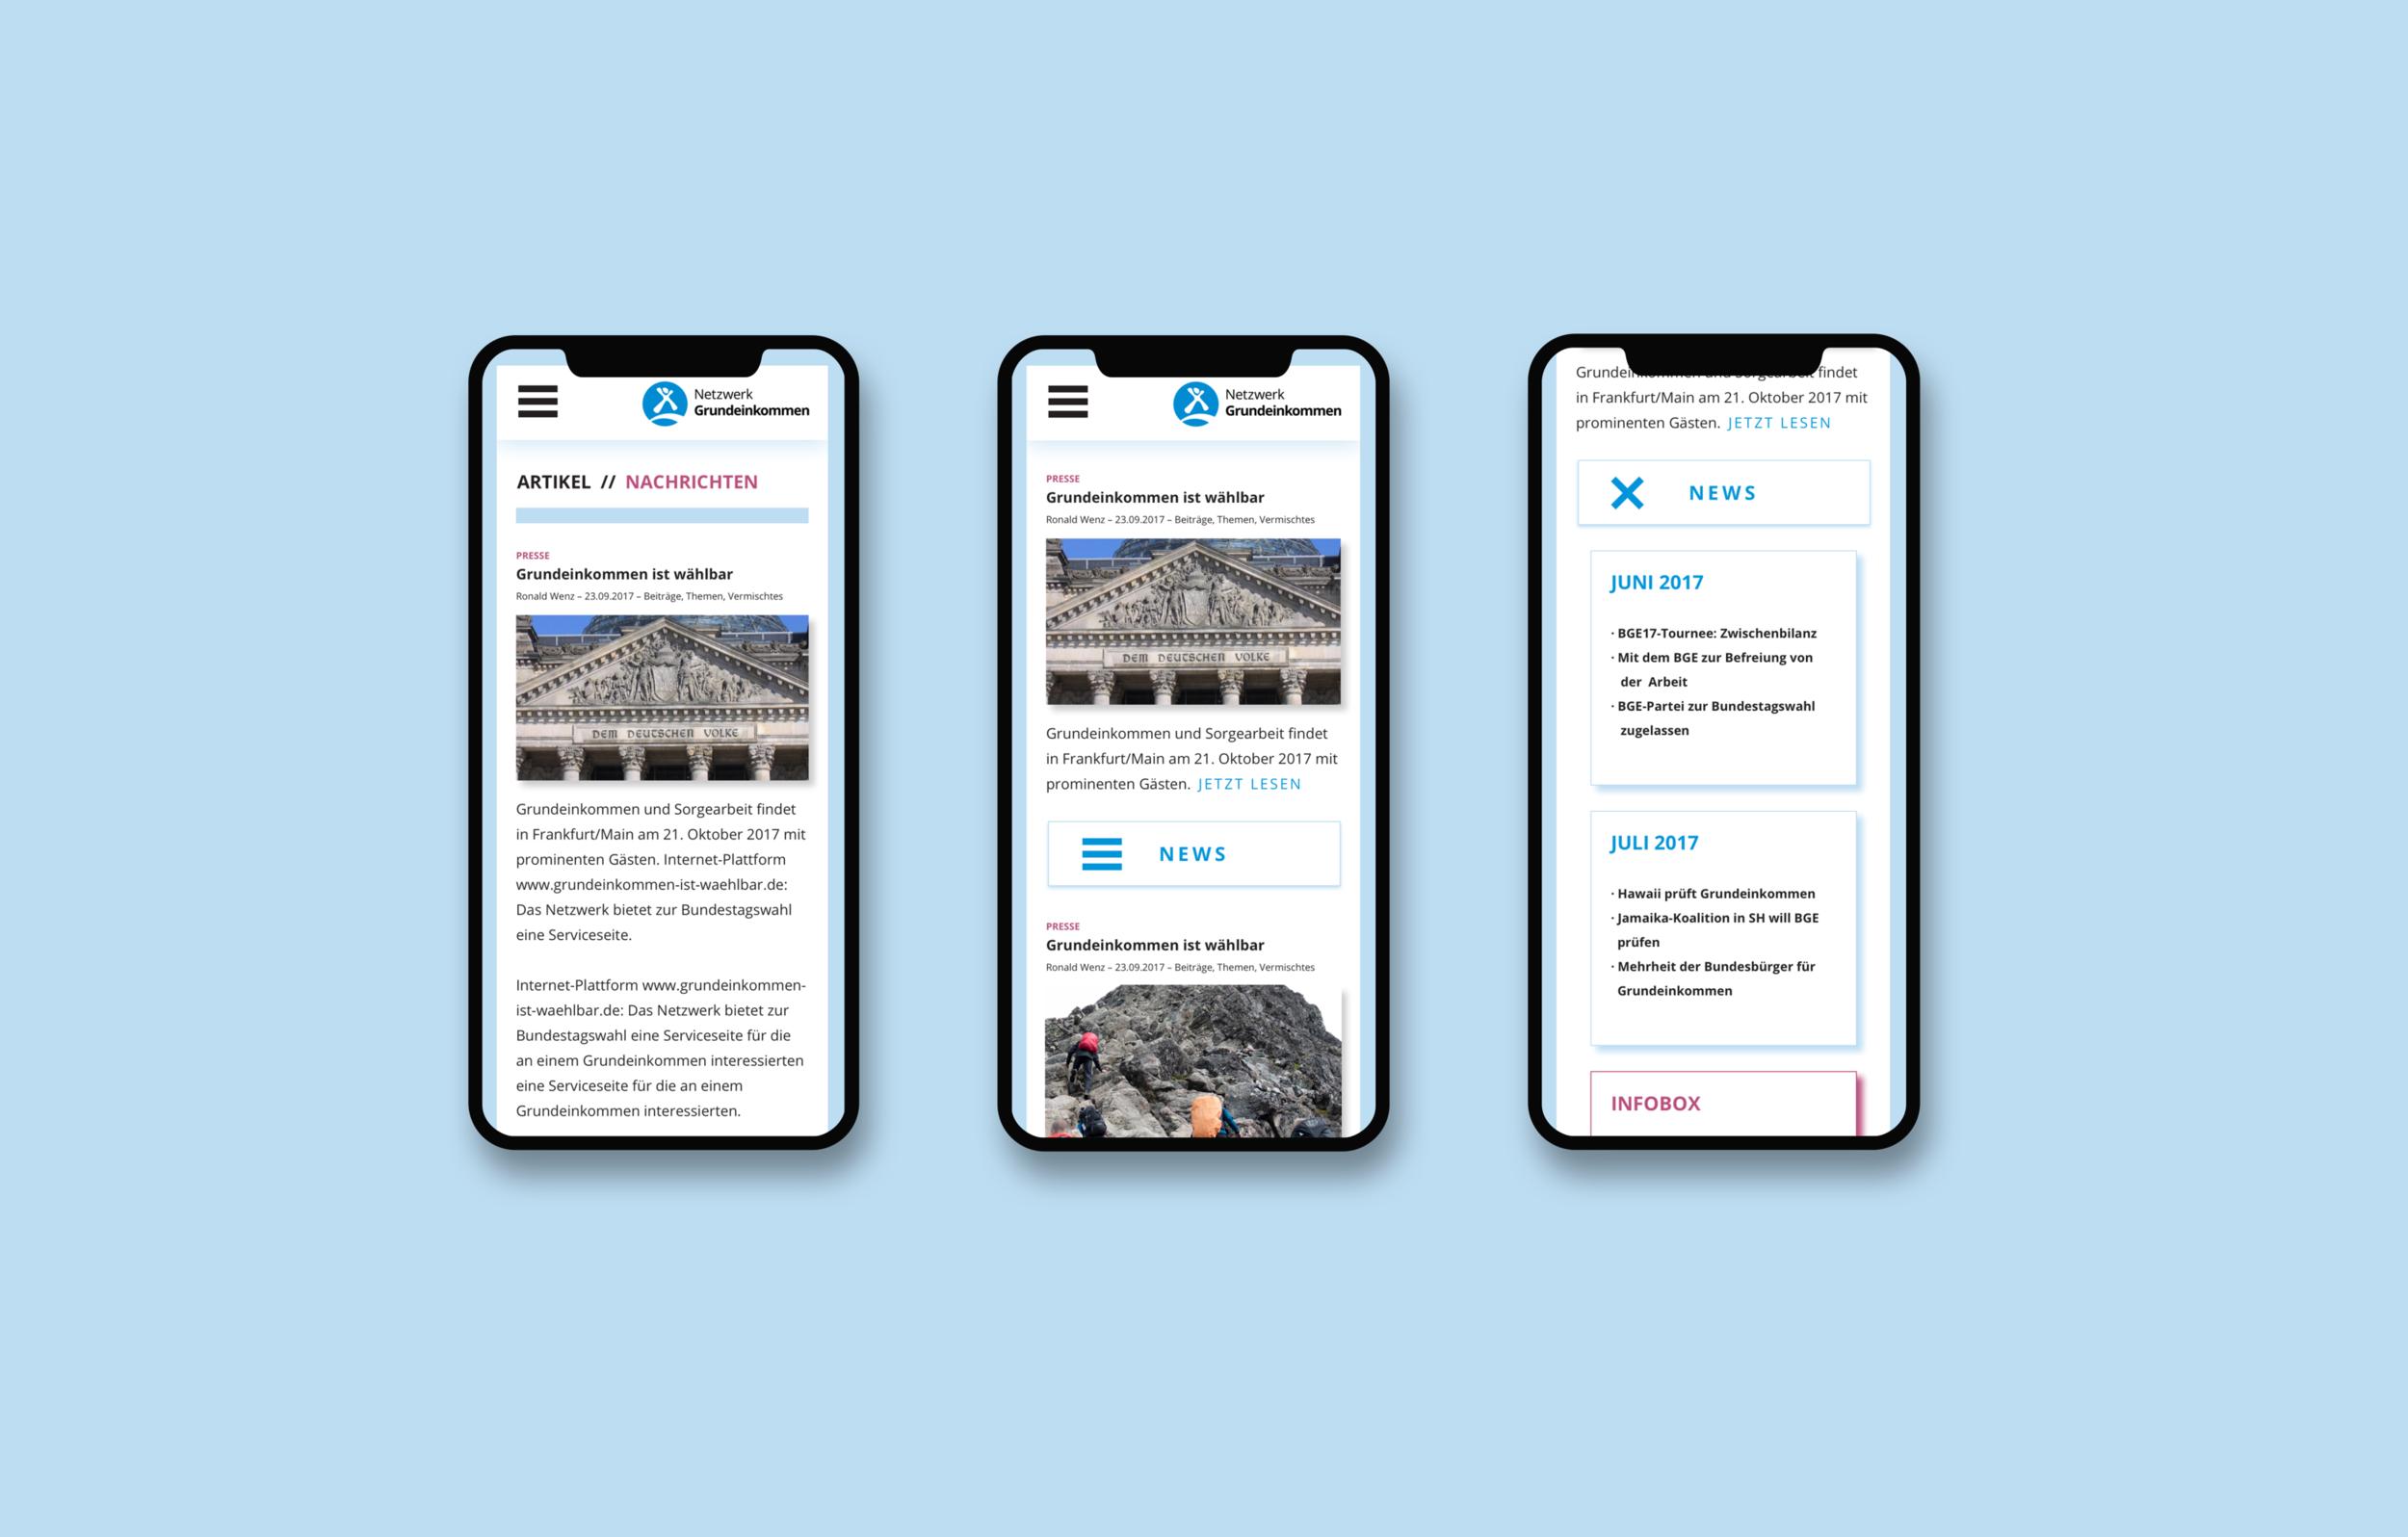 Netzwerk Grundeinkommen · mobile.png